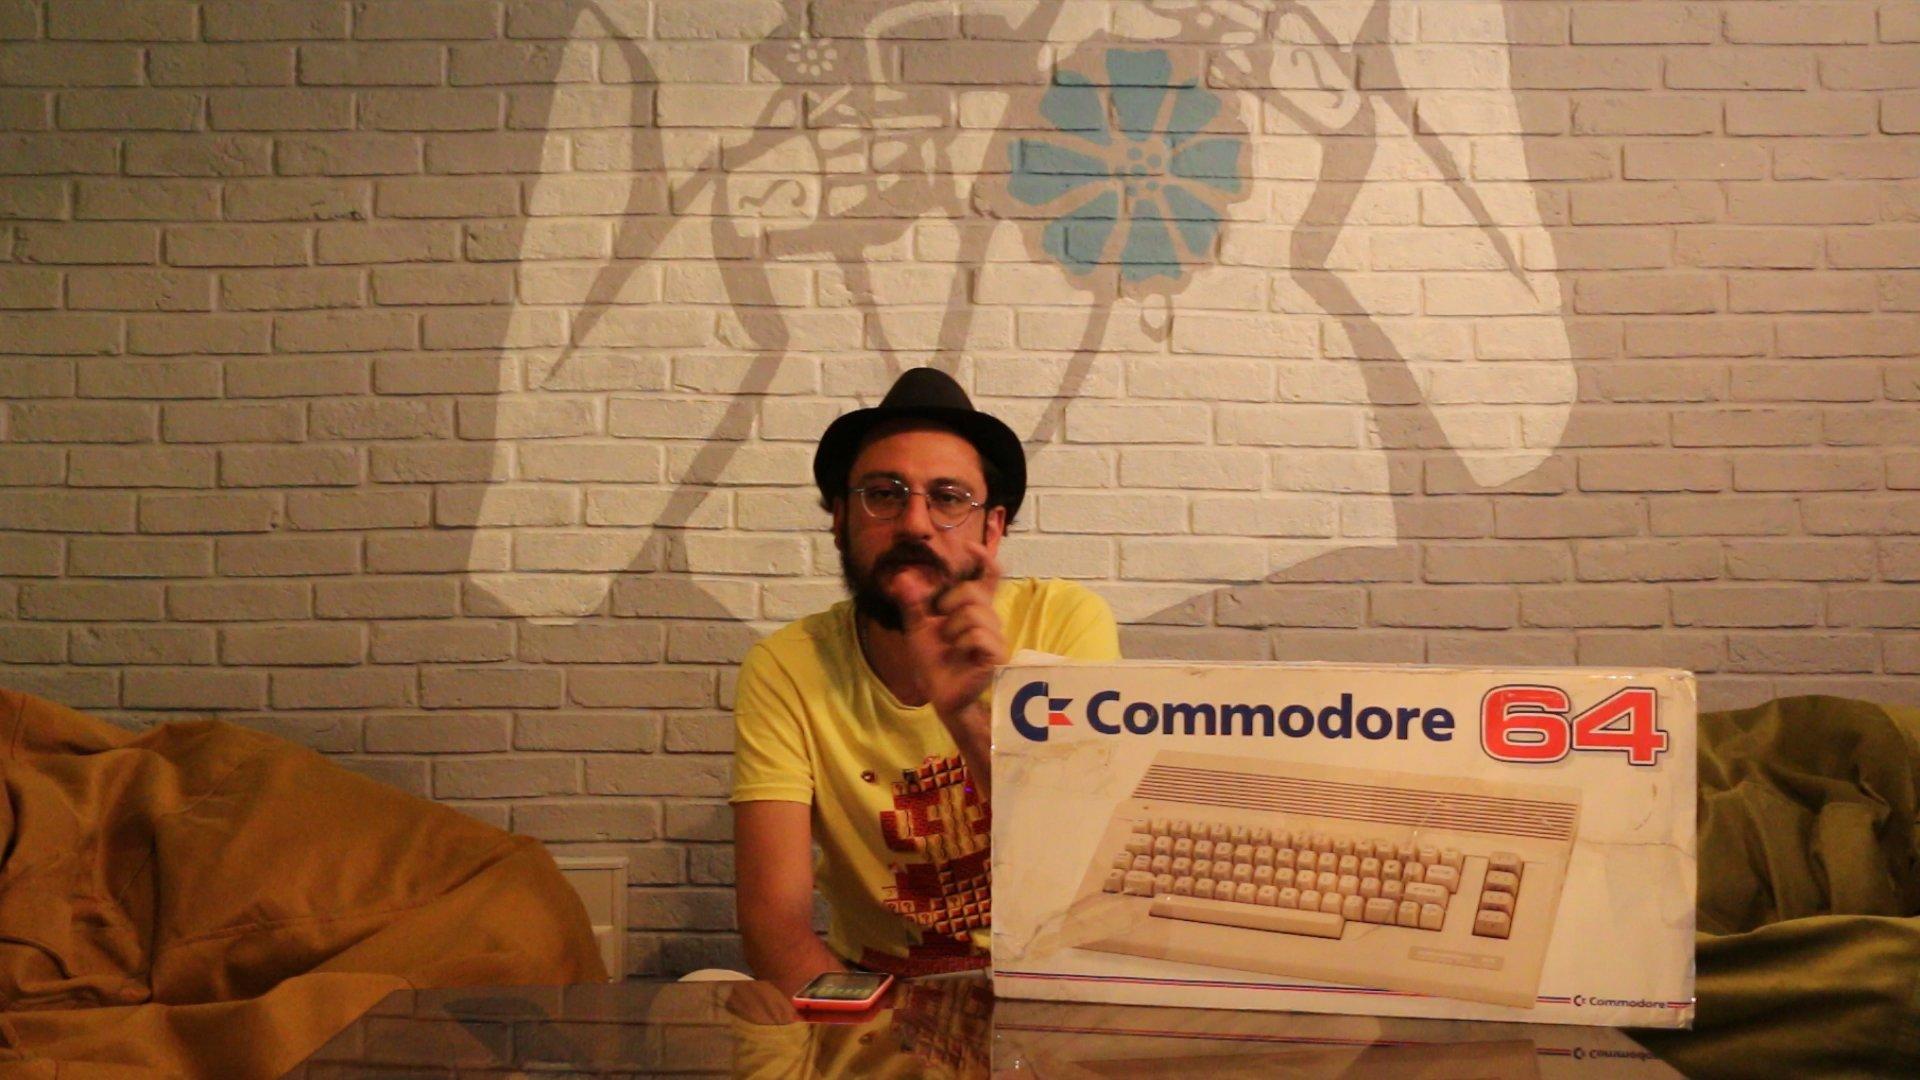 جعبه گشایی کومودور 64